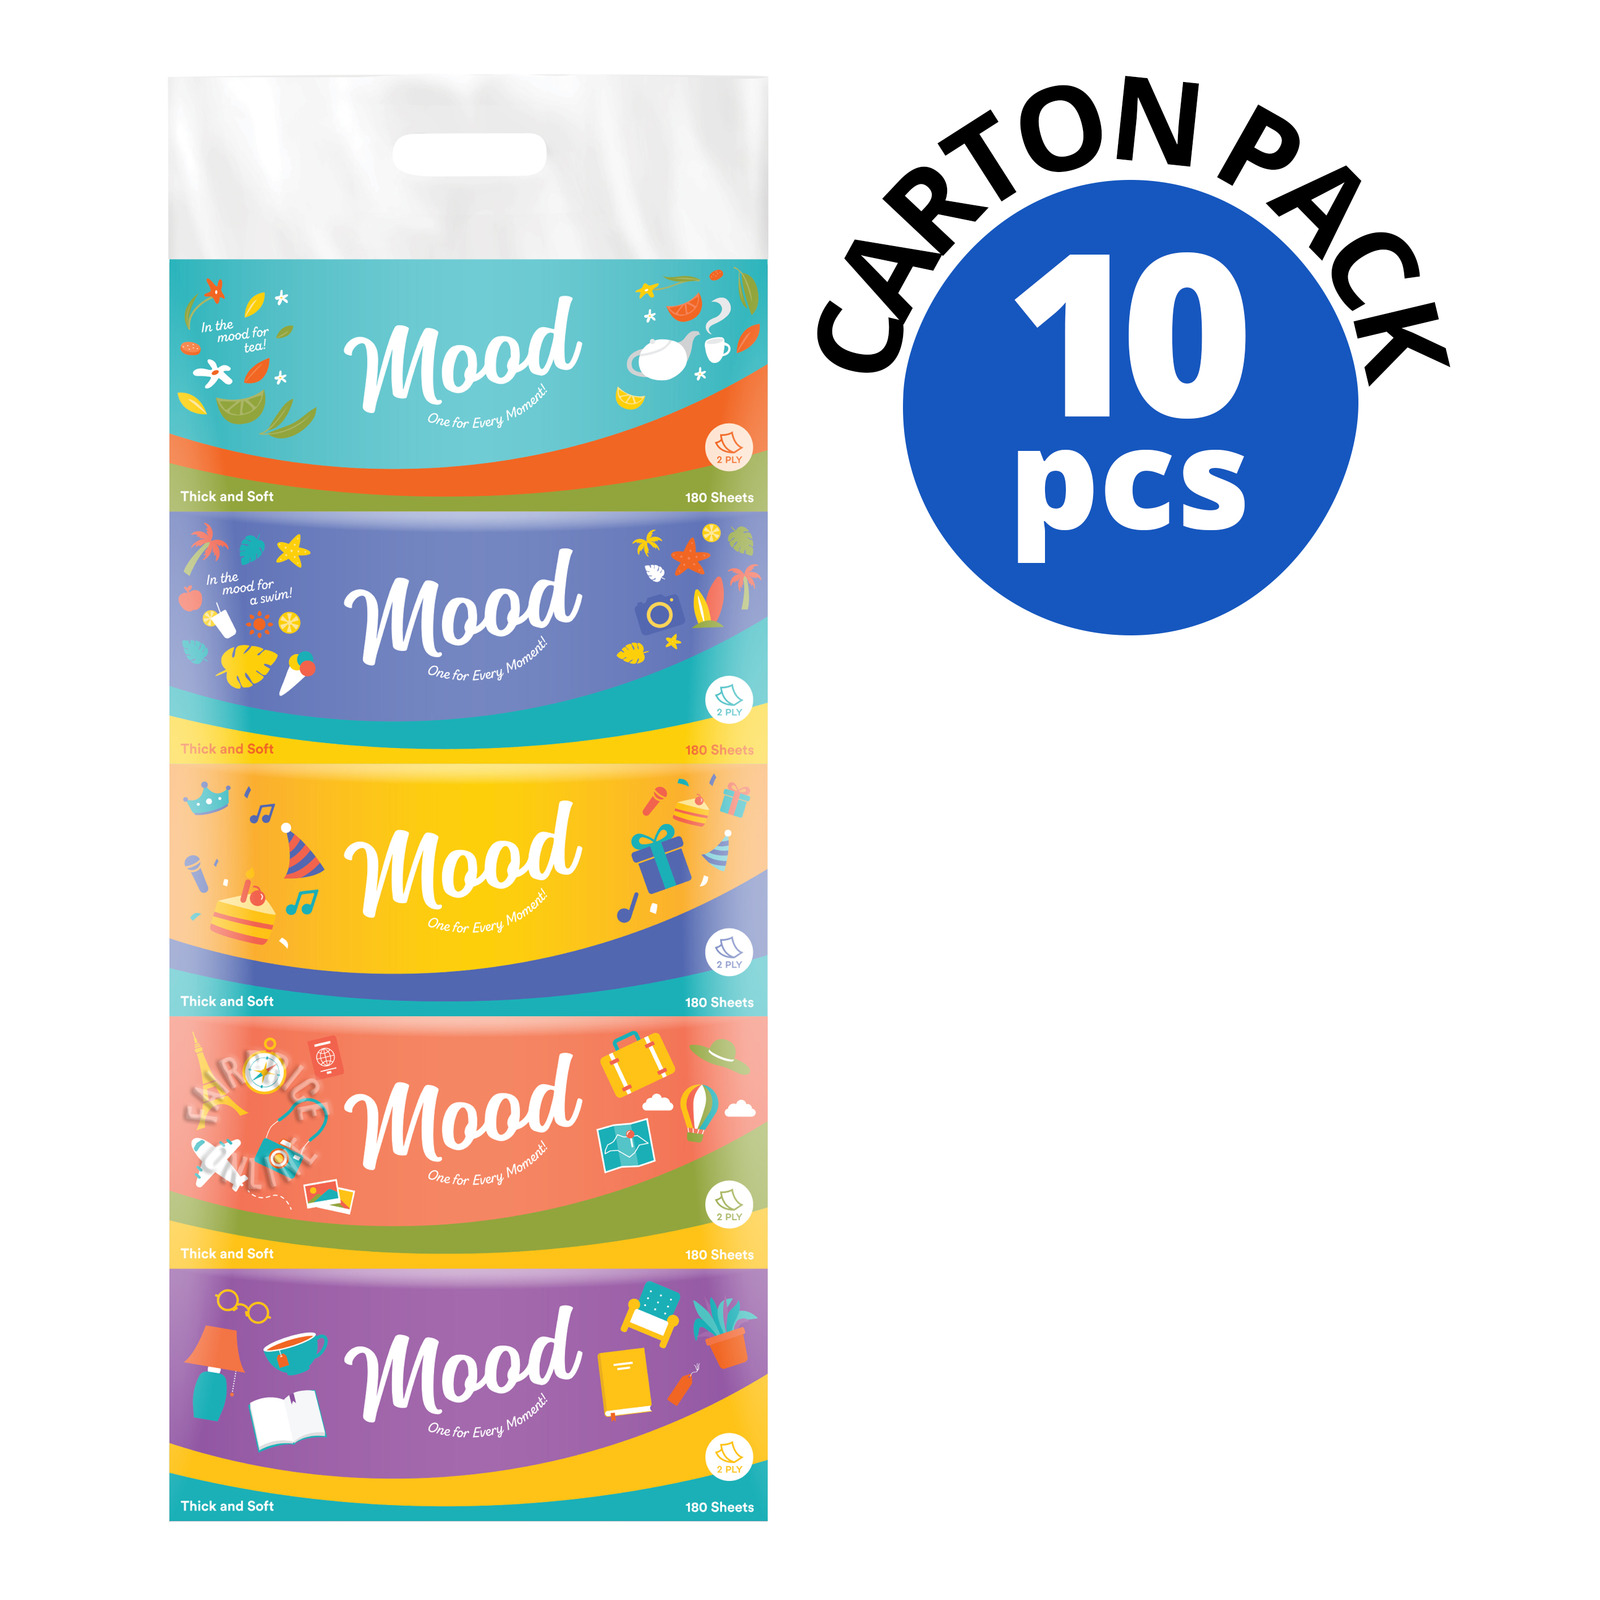 Mood Facial Tissue Boxes